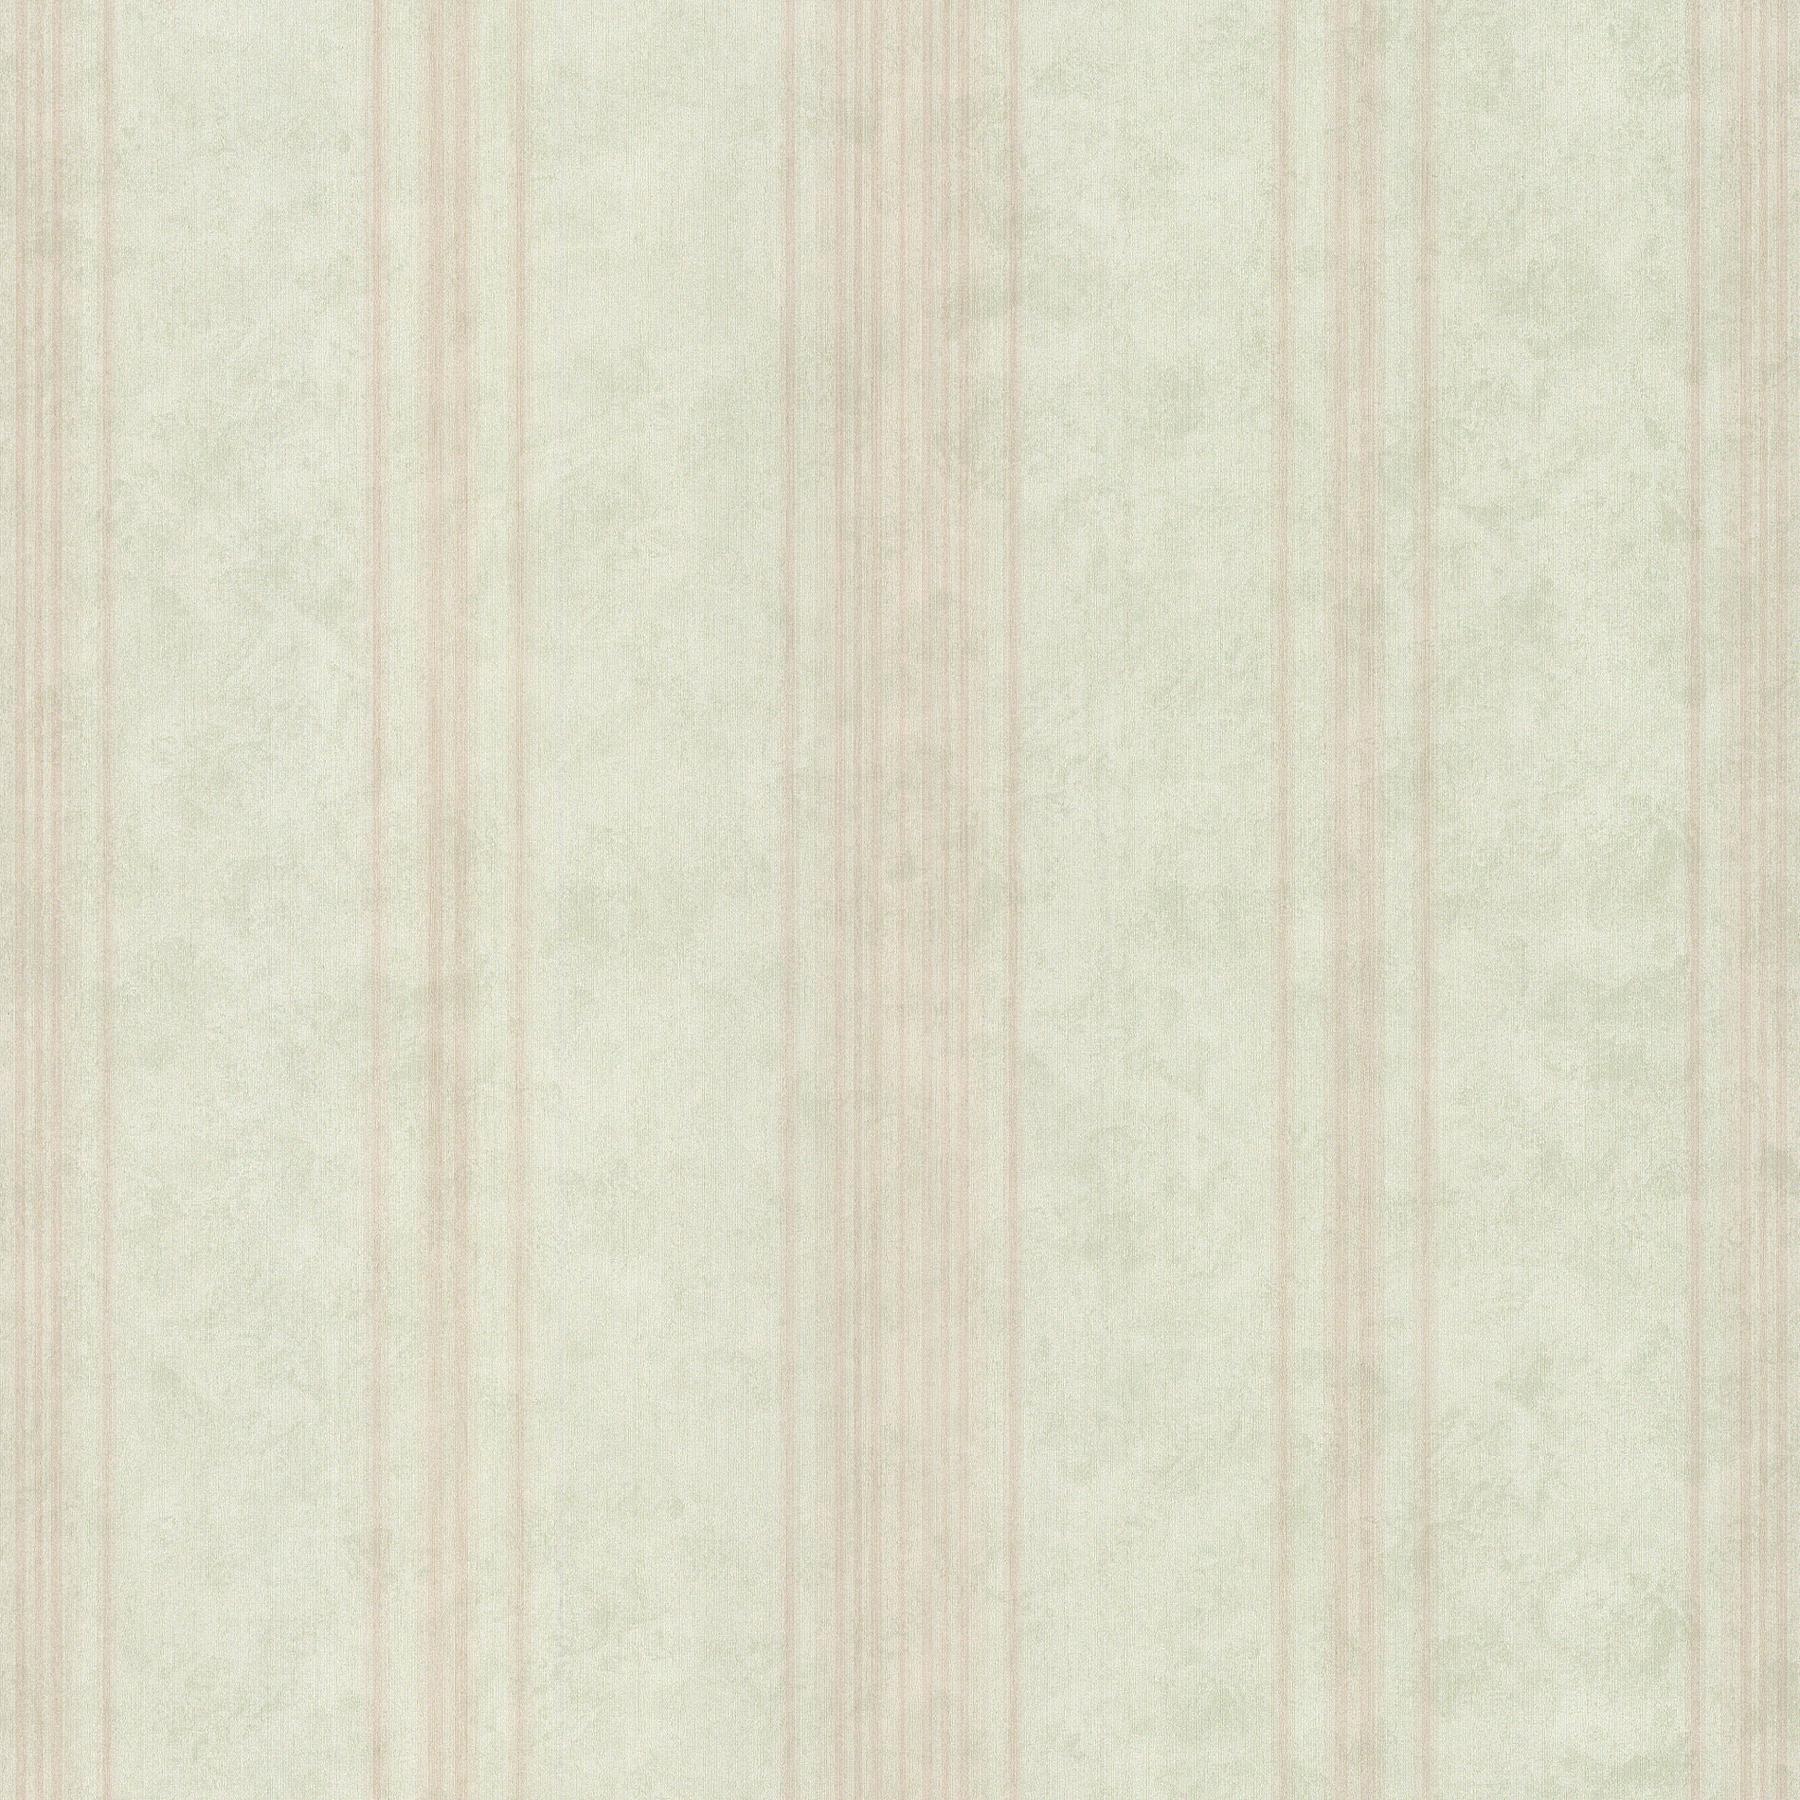 Picture of Biella Mint Stria Stripe Wallpaper